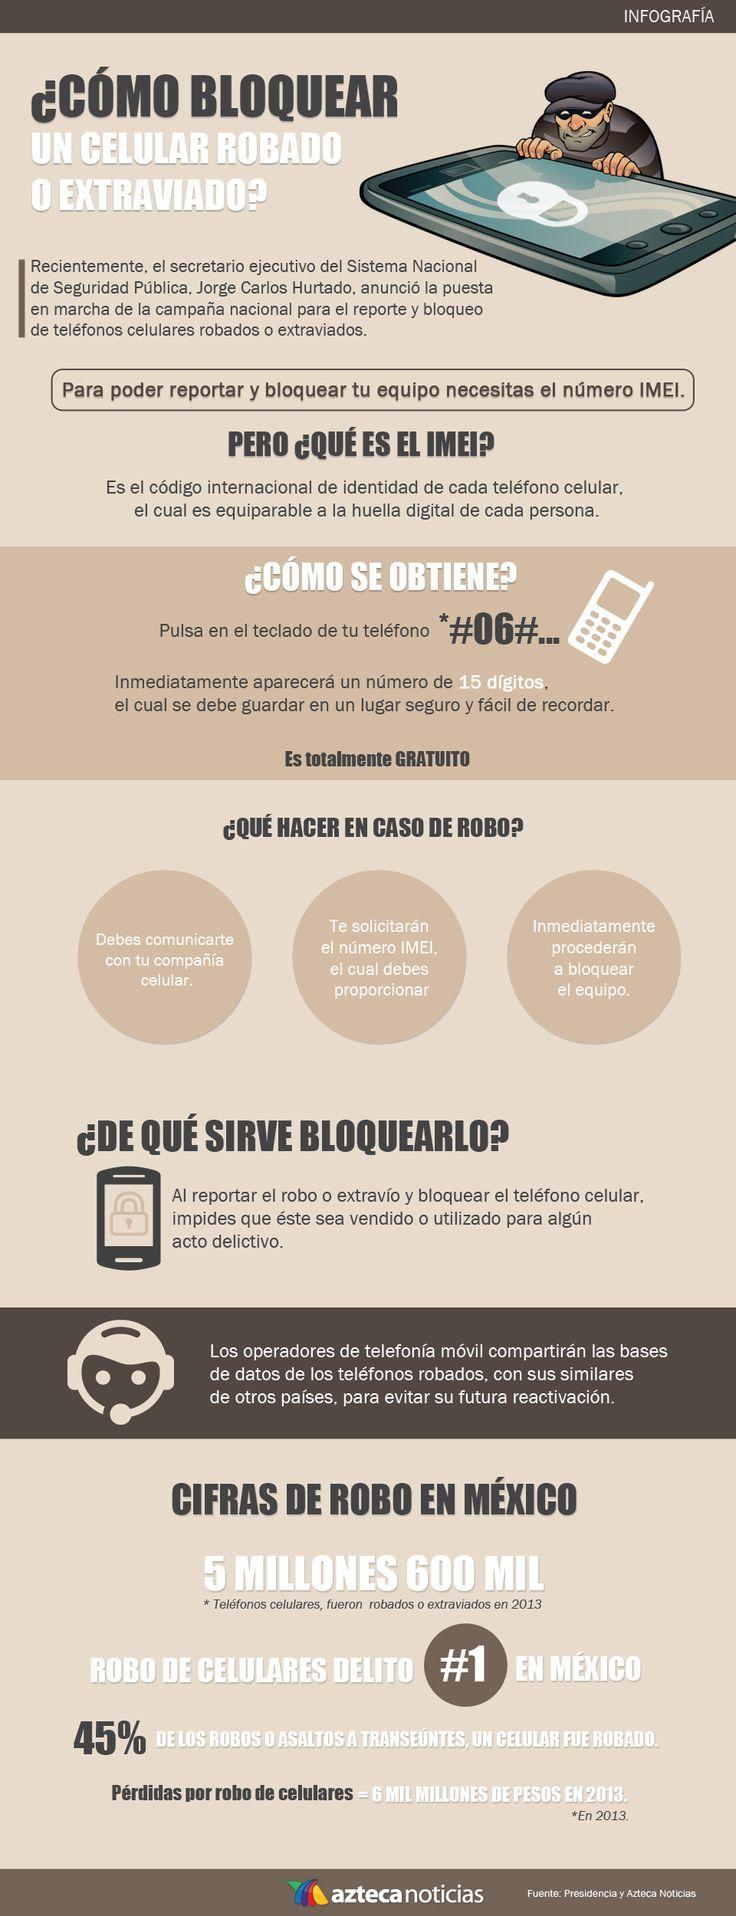 ¿Cómo bloquear un celular robado o extraviado?